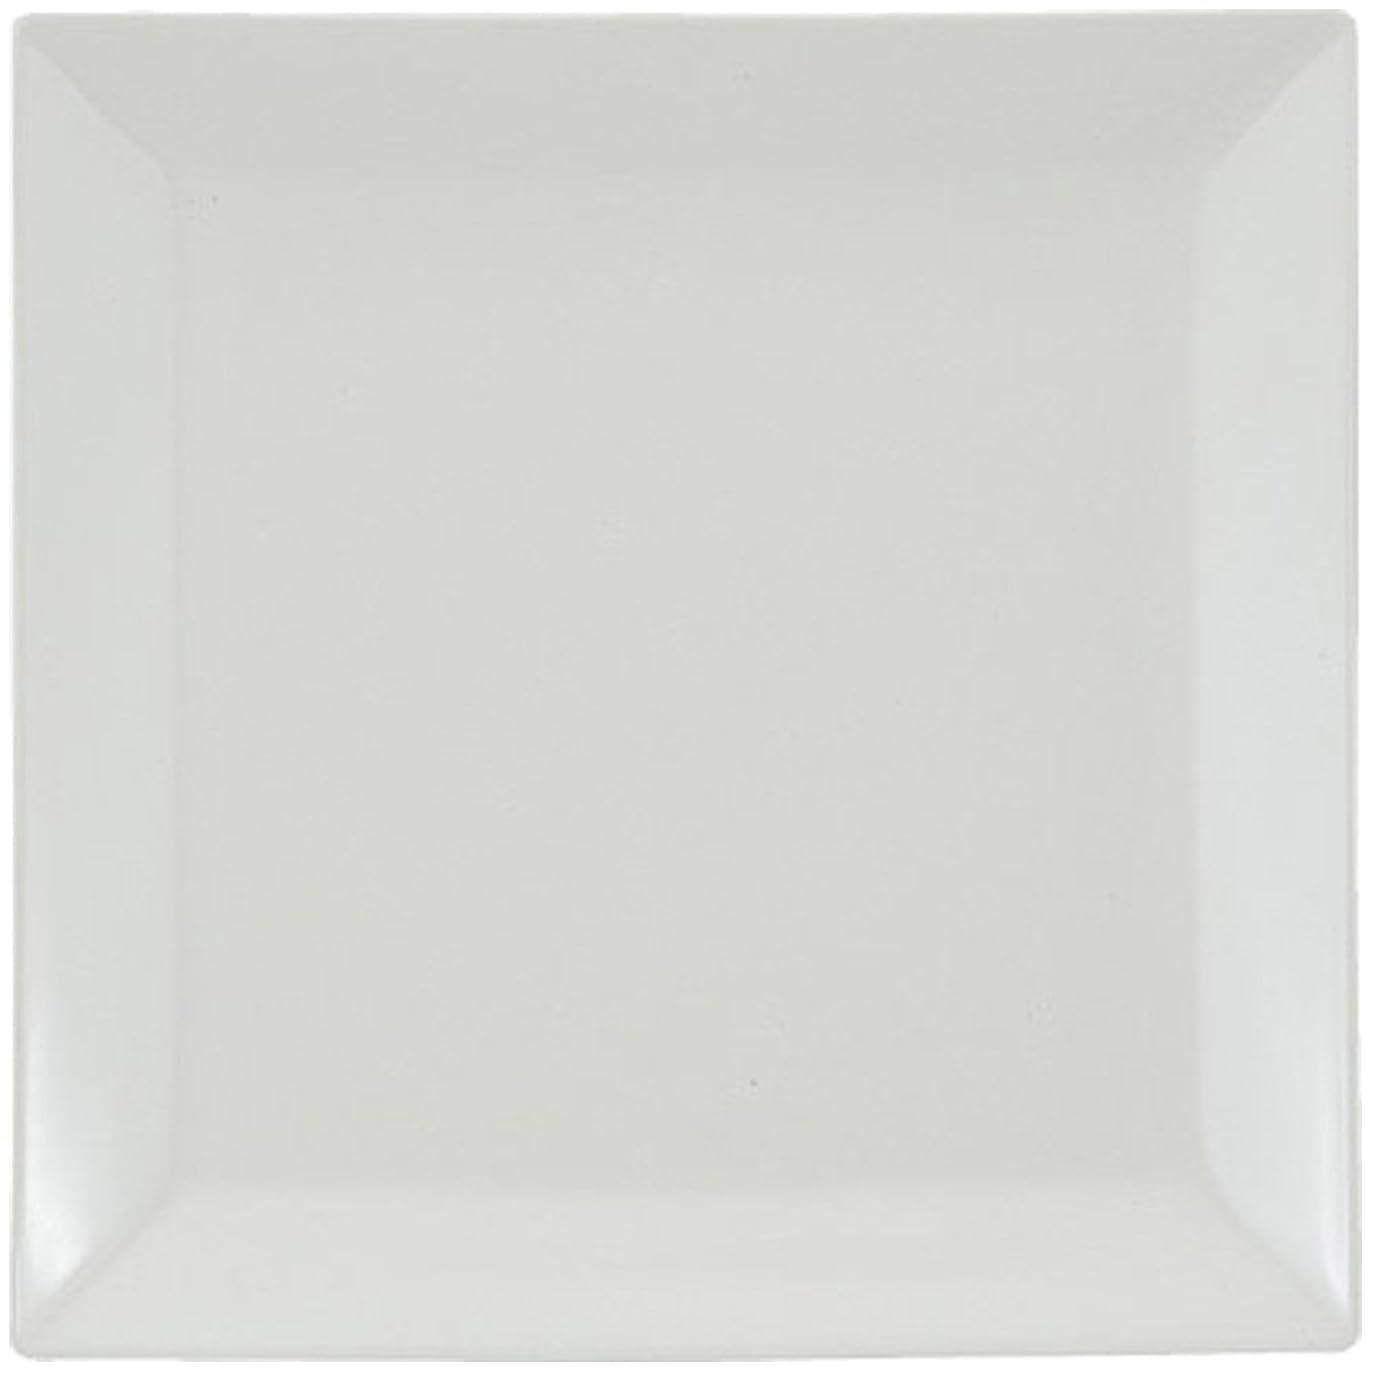 関与するノベルティ全くSaturnia(サタルニア) サタルニア シビリア デザートプレート ペッパー グレー W22xH4.4xD22(cm) 8003342024651